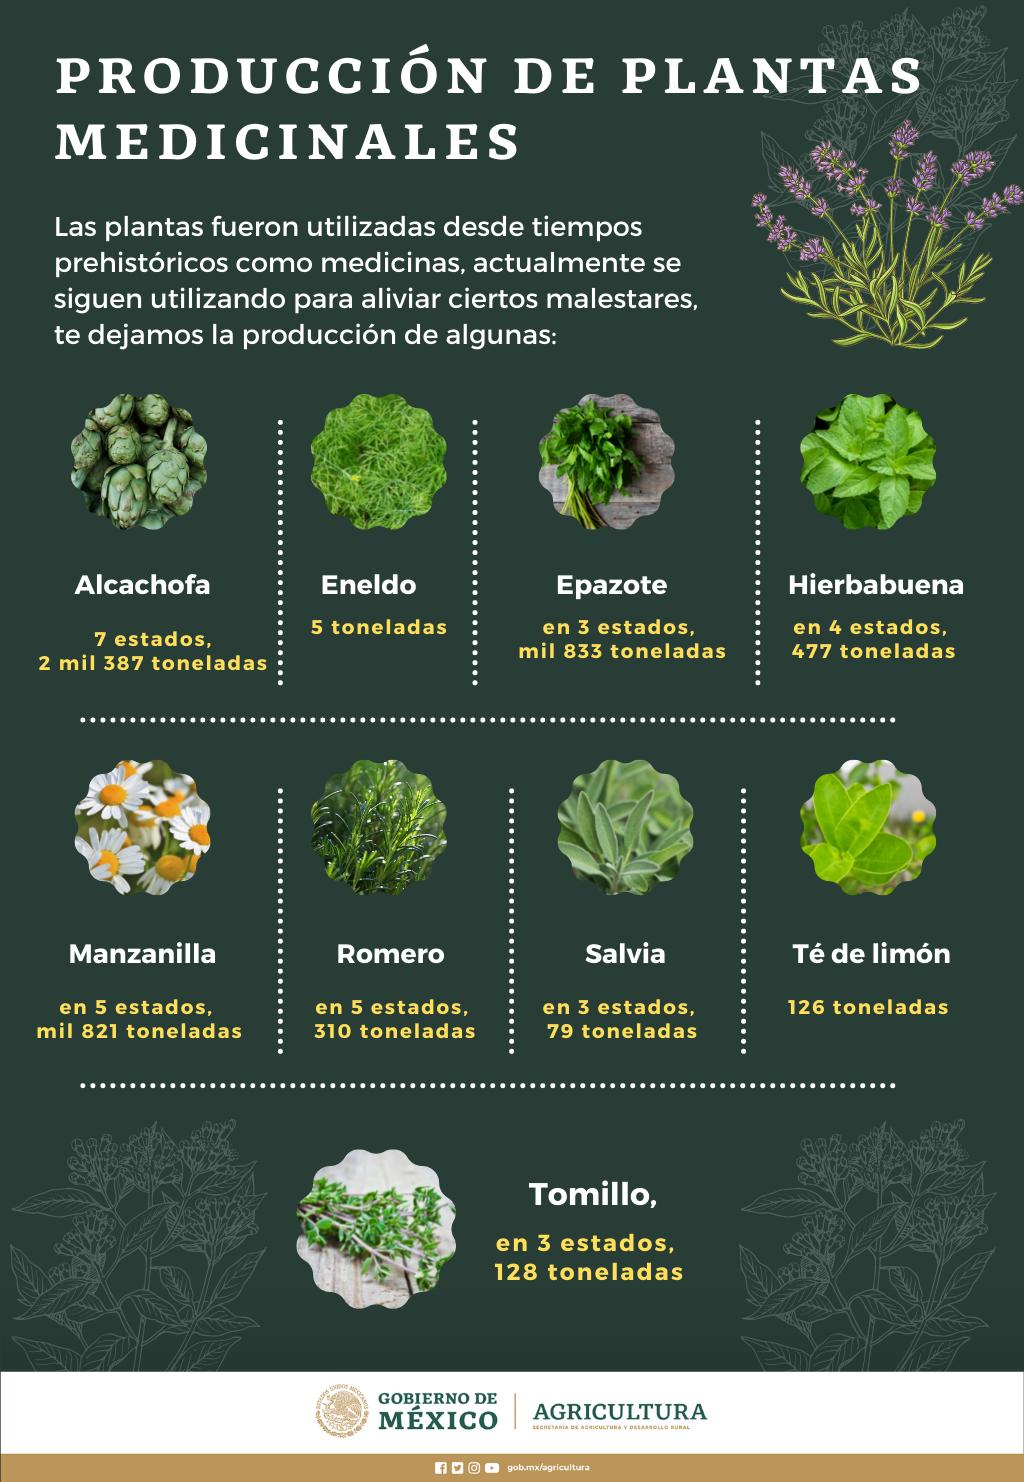 /cms/uploads/image/file/652090/Info_Prod_Plantas_Medicinales.png